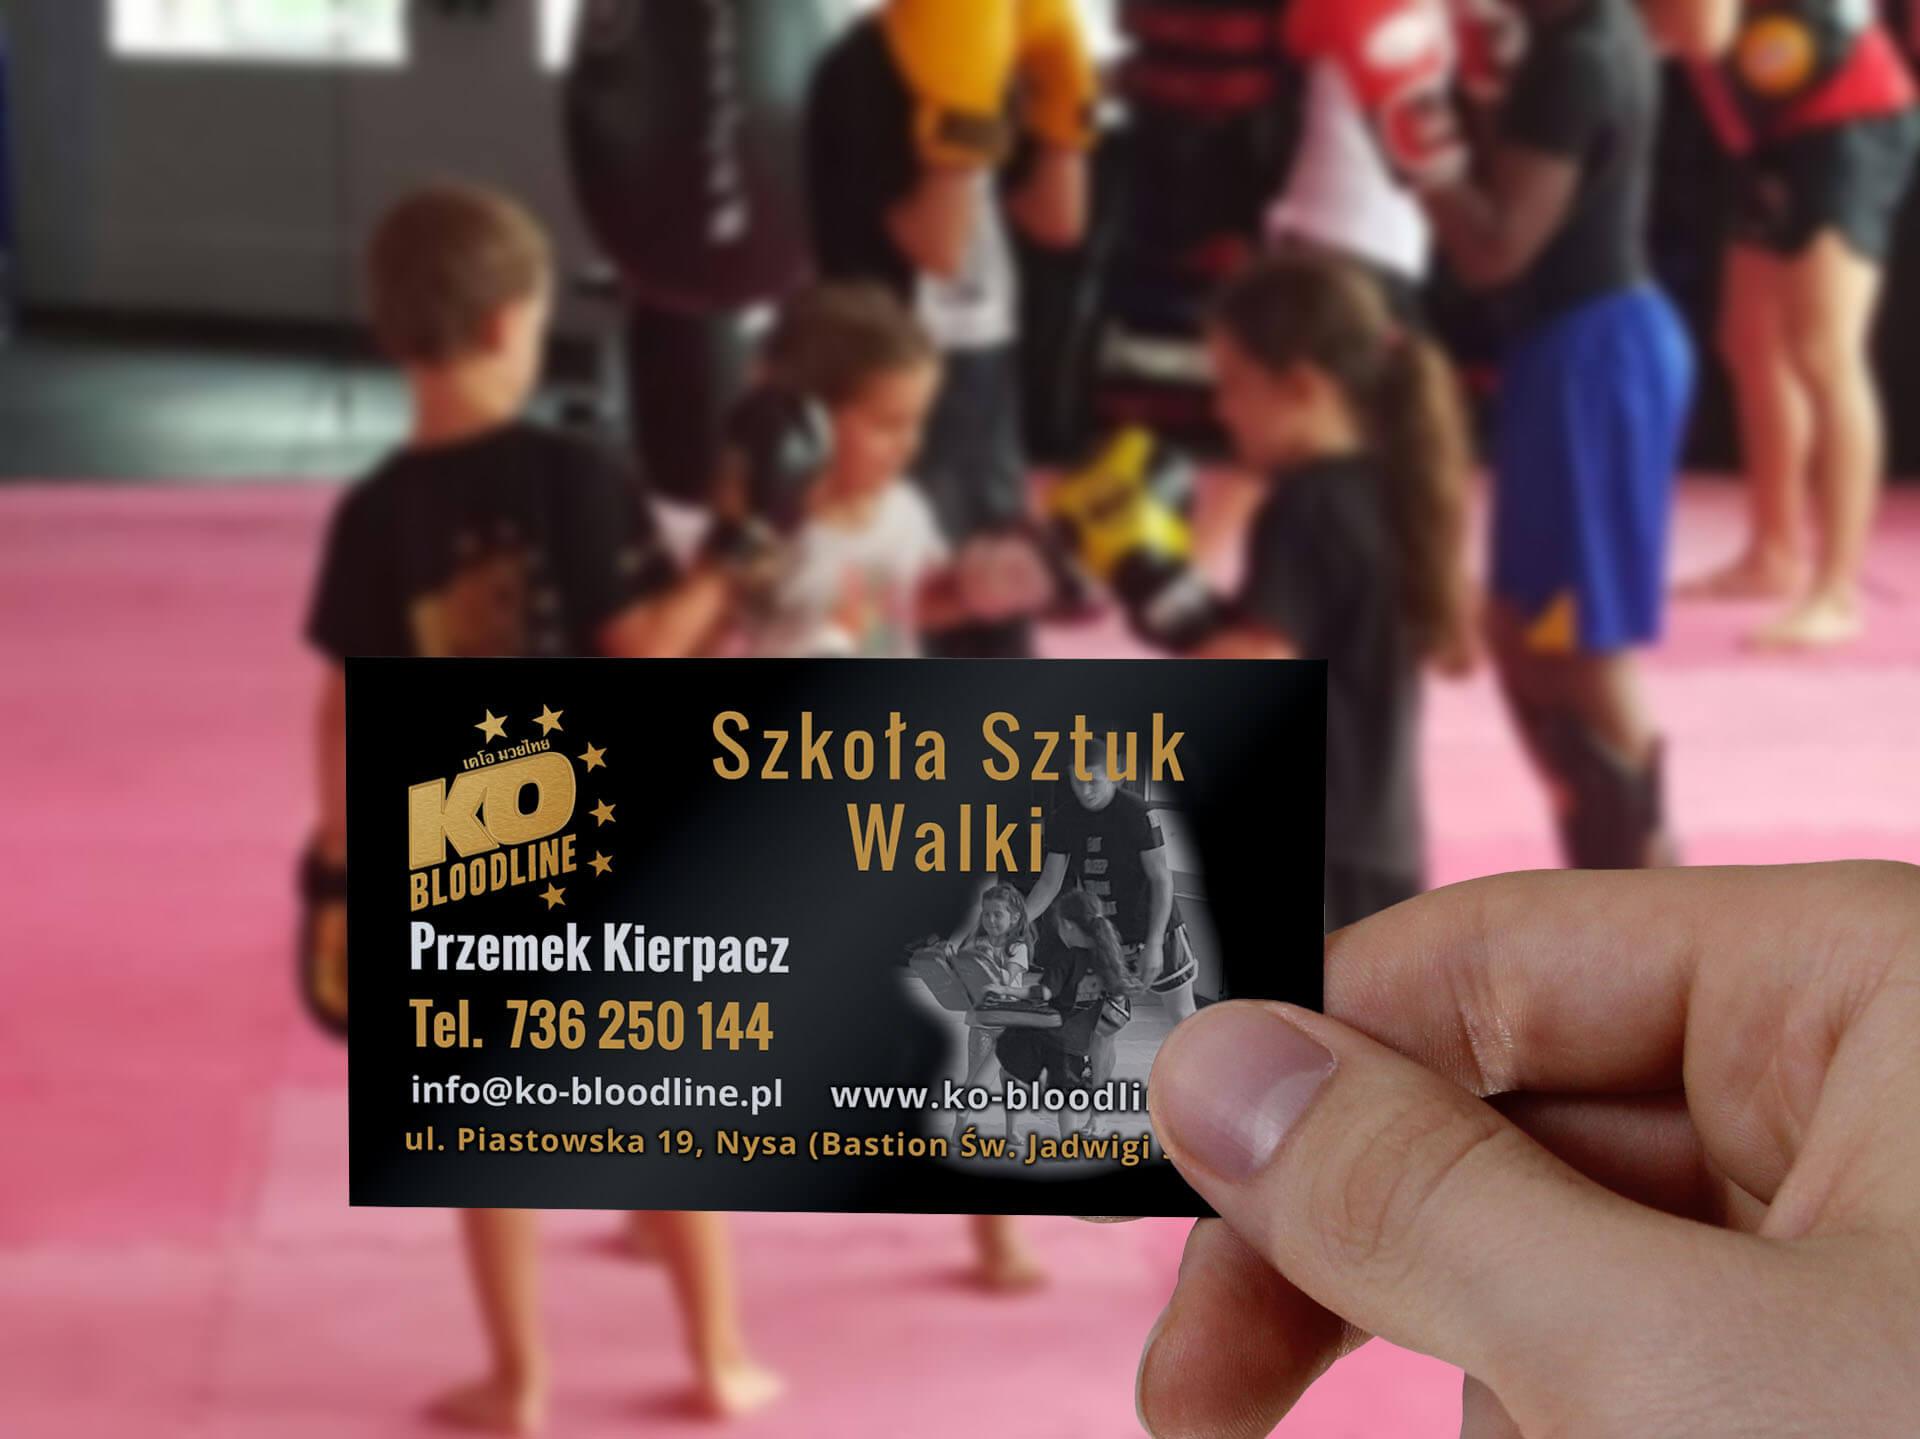 wizytówka dla szkoły sztuk walki